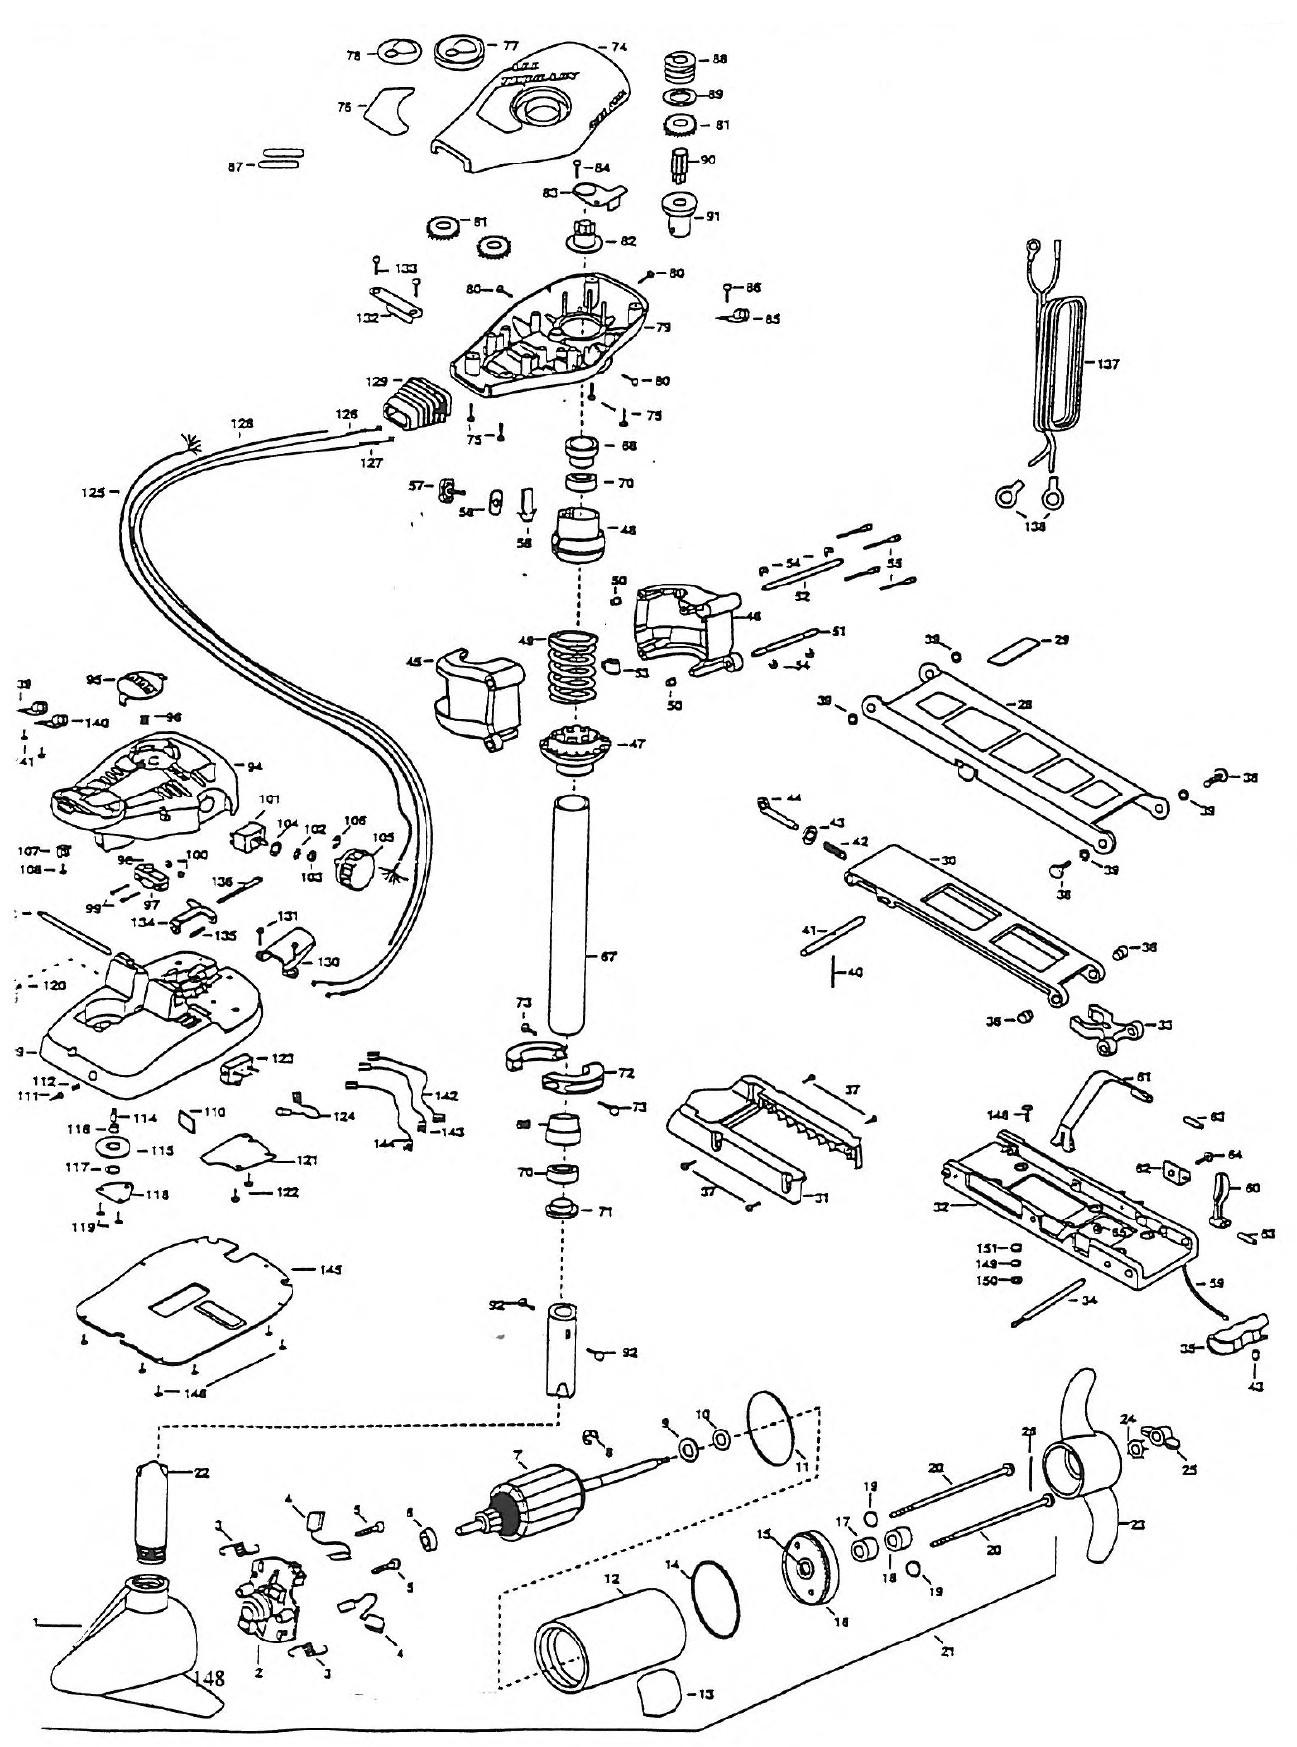 Minn Kota Trolling Motor Service Manual Wiring Diagram Power Drive With 85 Repair Online User